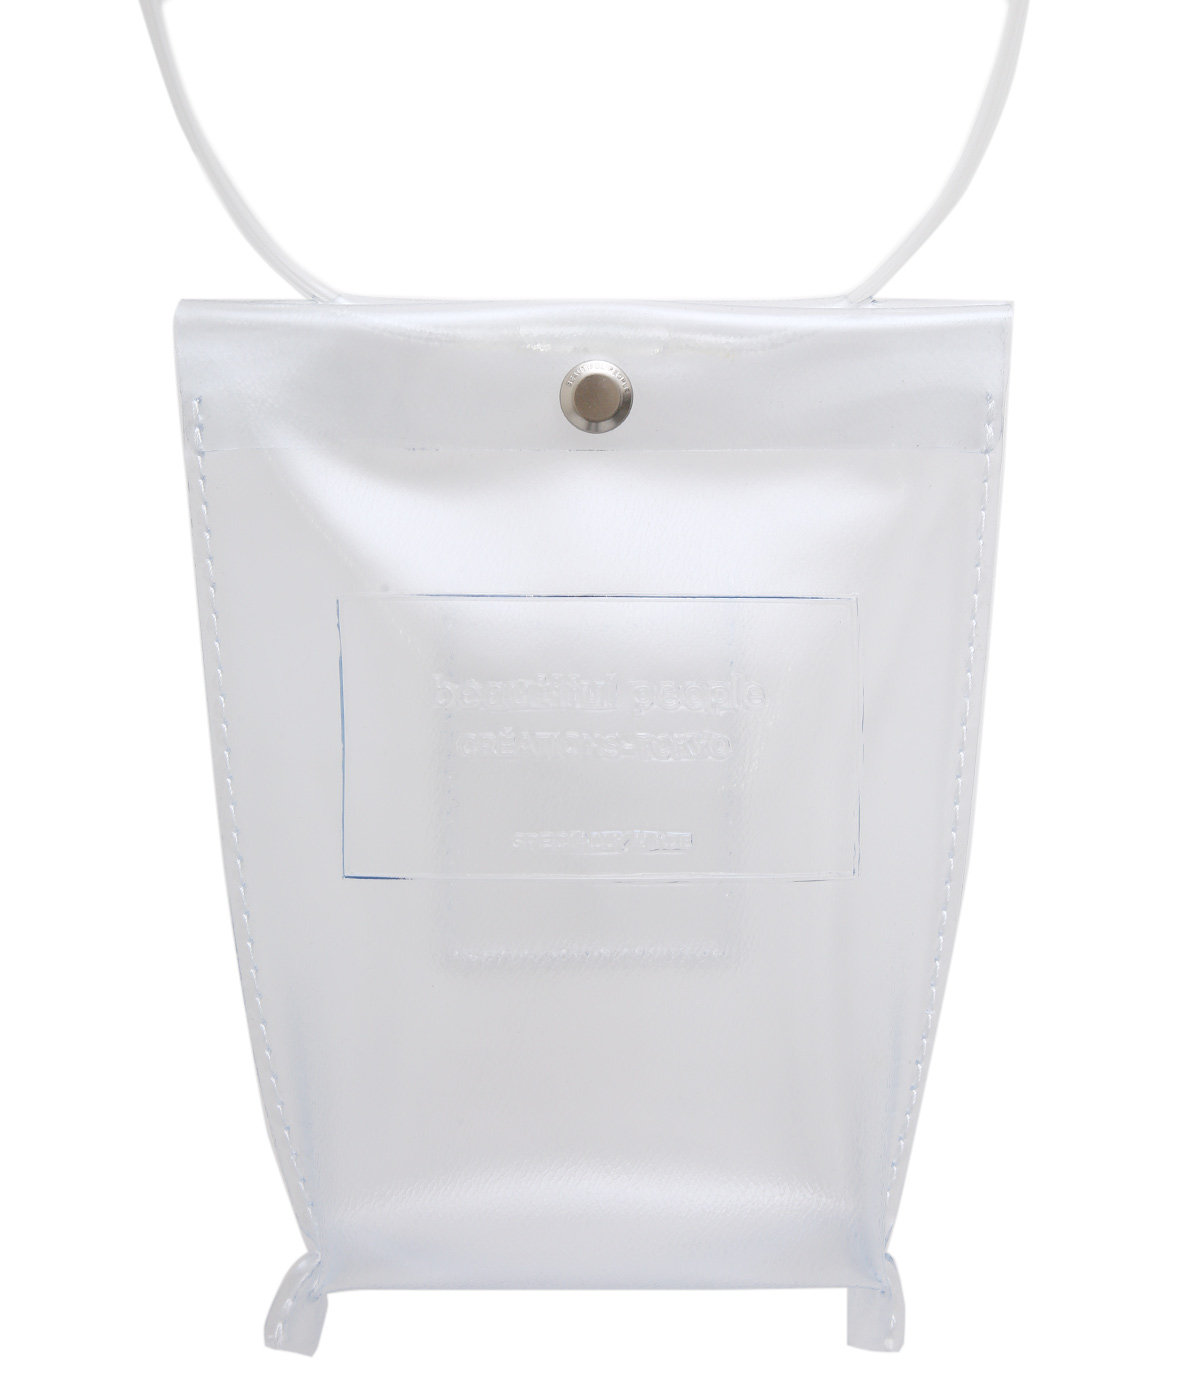 【予約】clear emboss name document bag